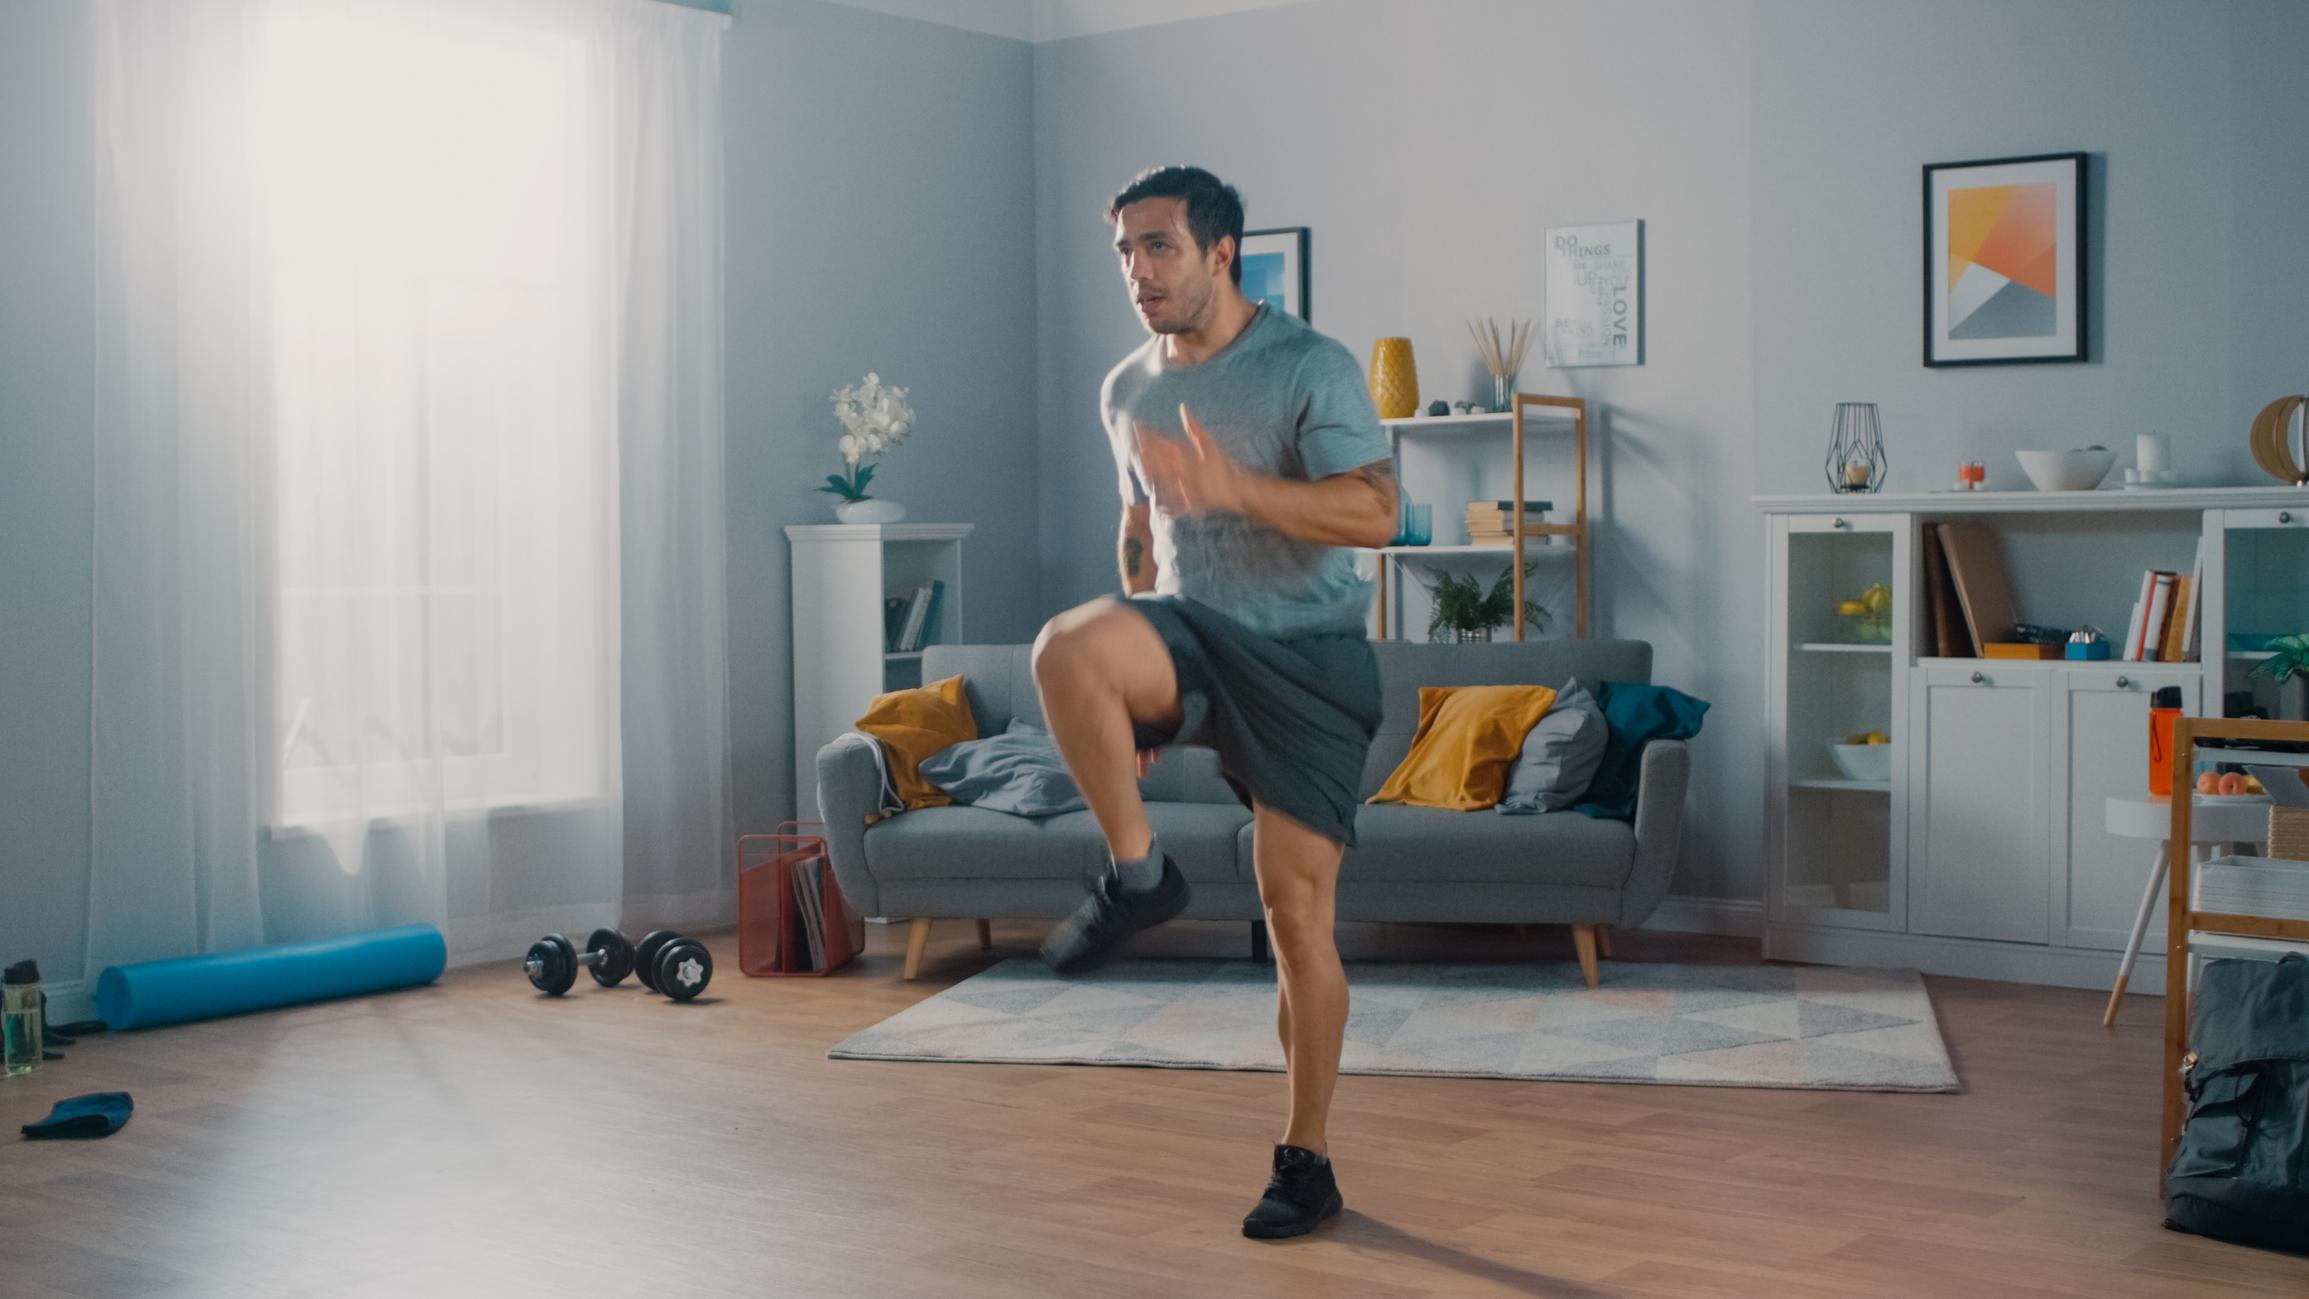 Atividade Física Pode Aumentar Seus Níveis De Energia